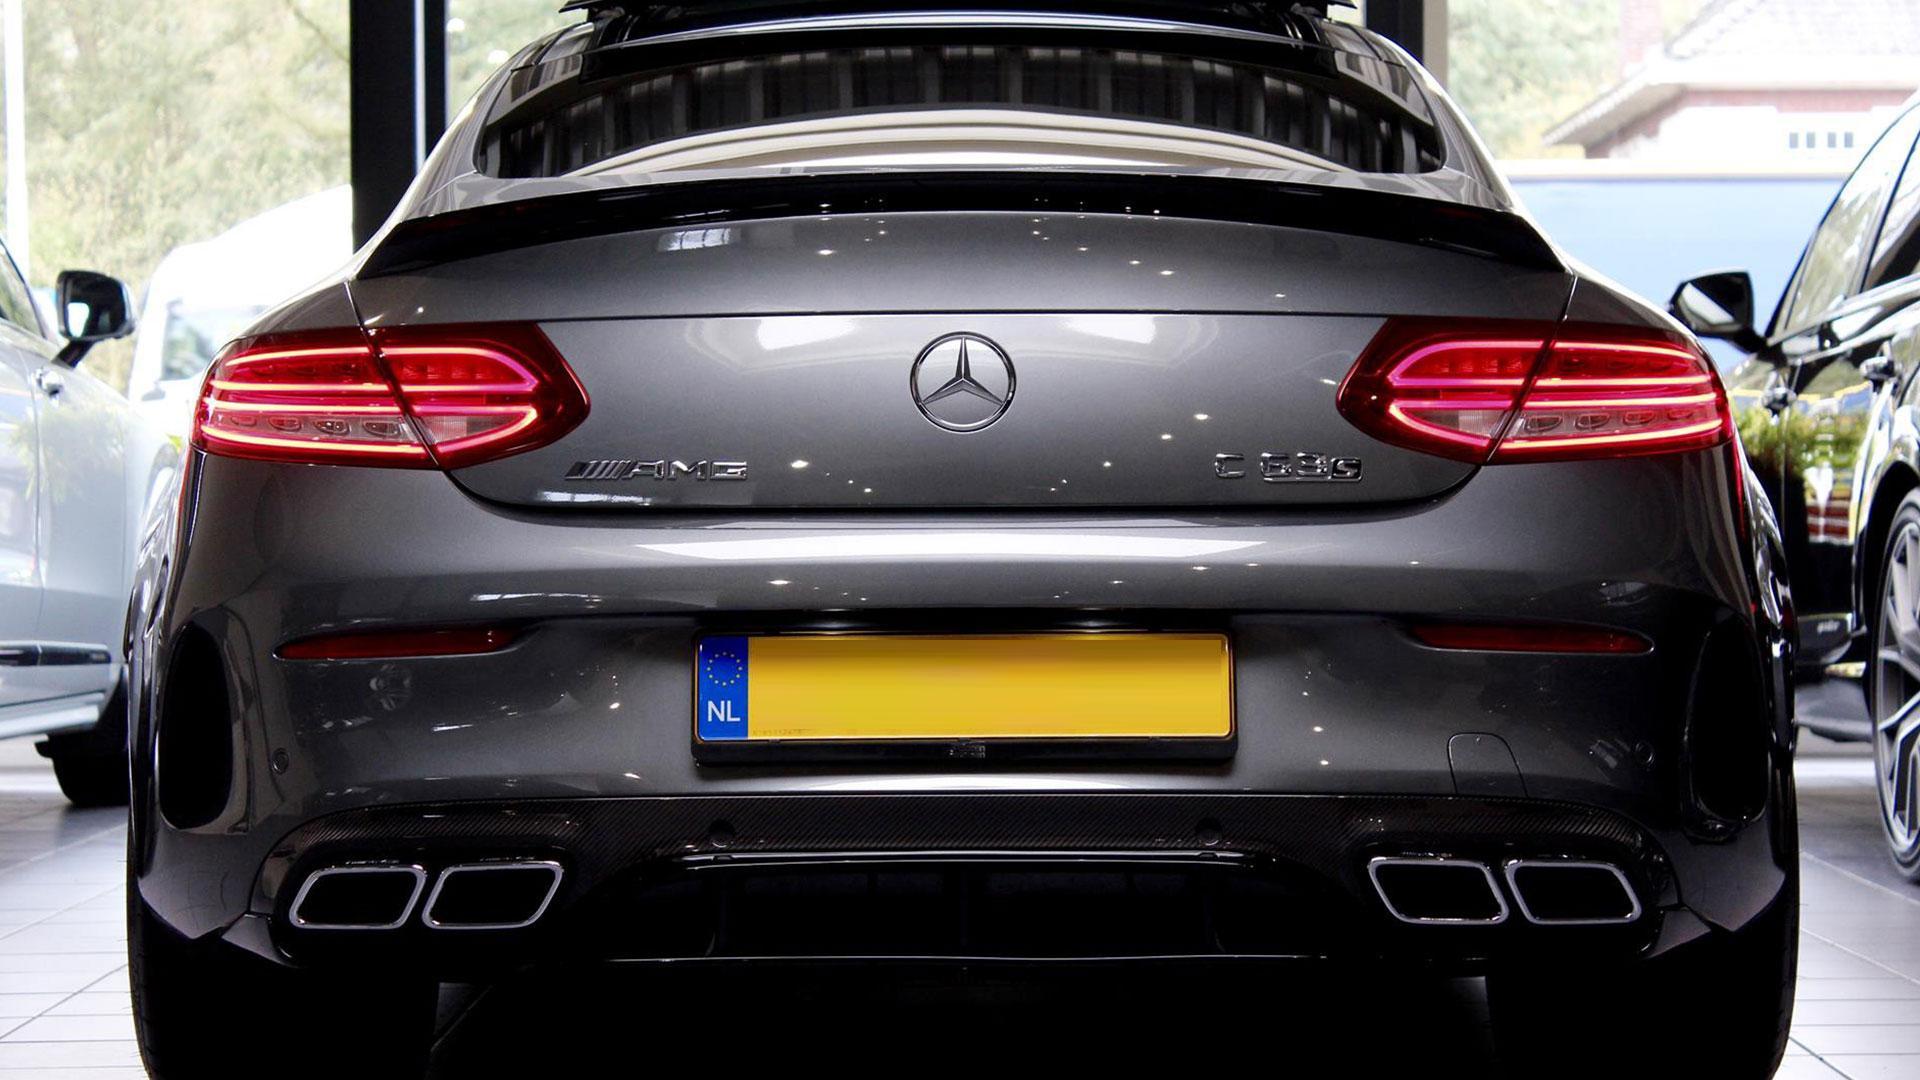 Mercedes van Max Verstappen